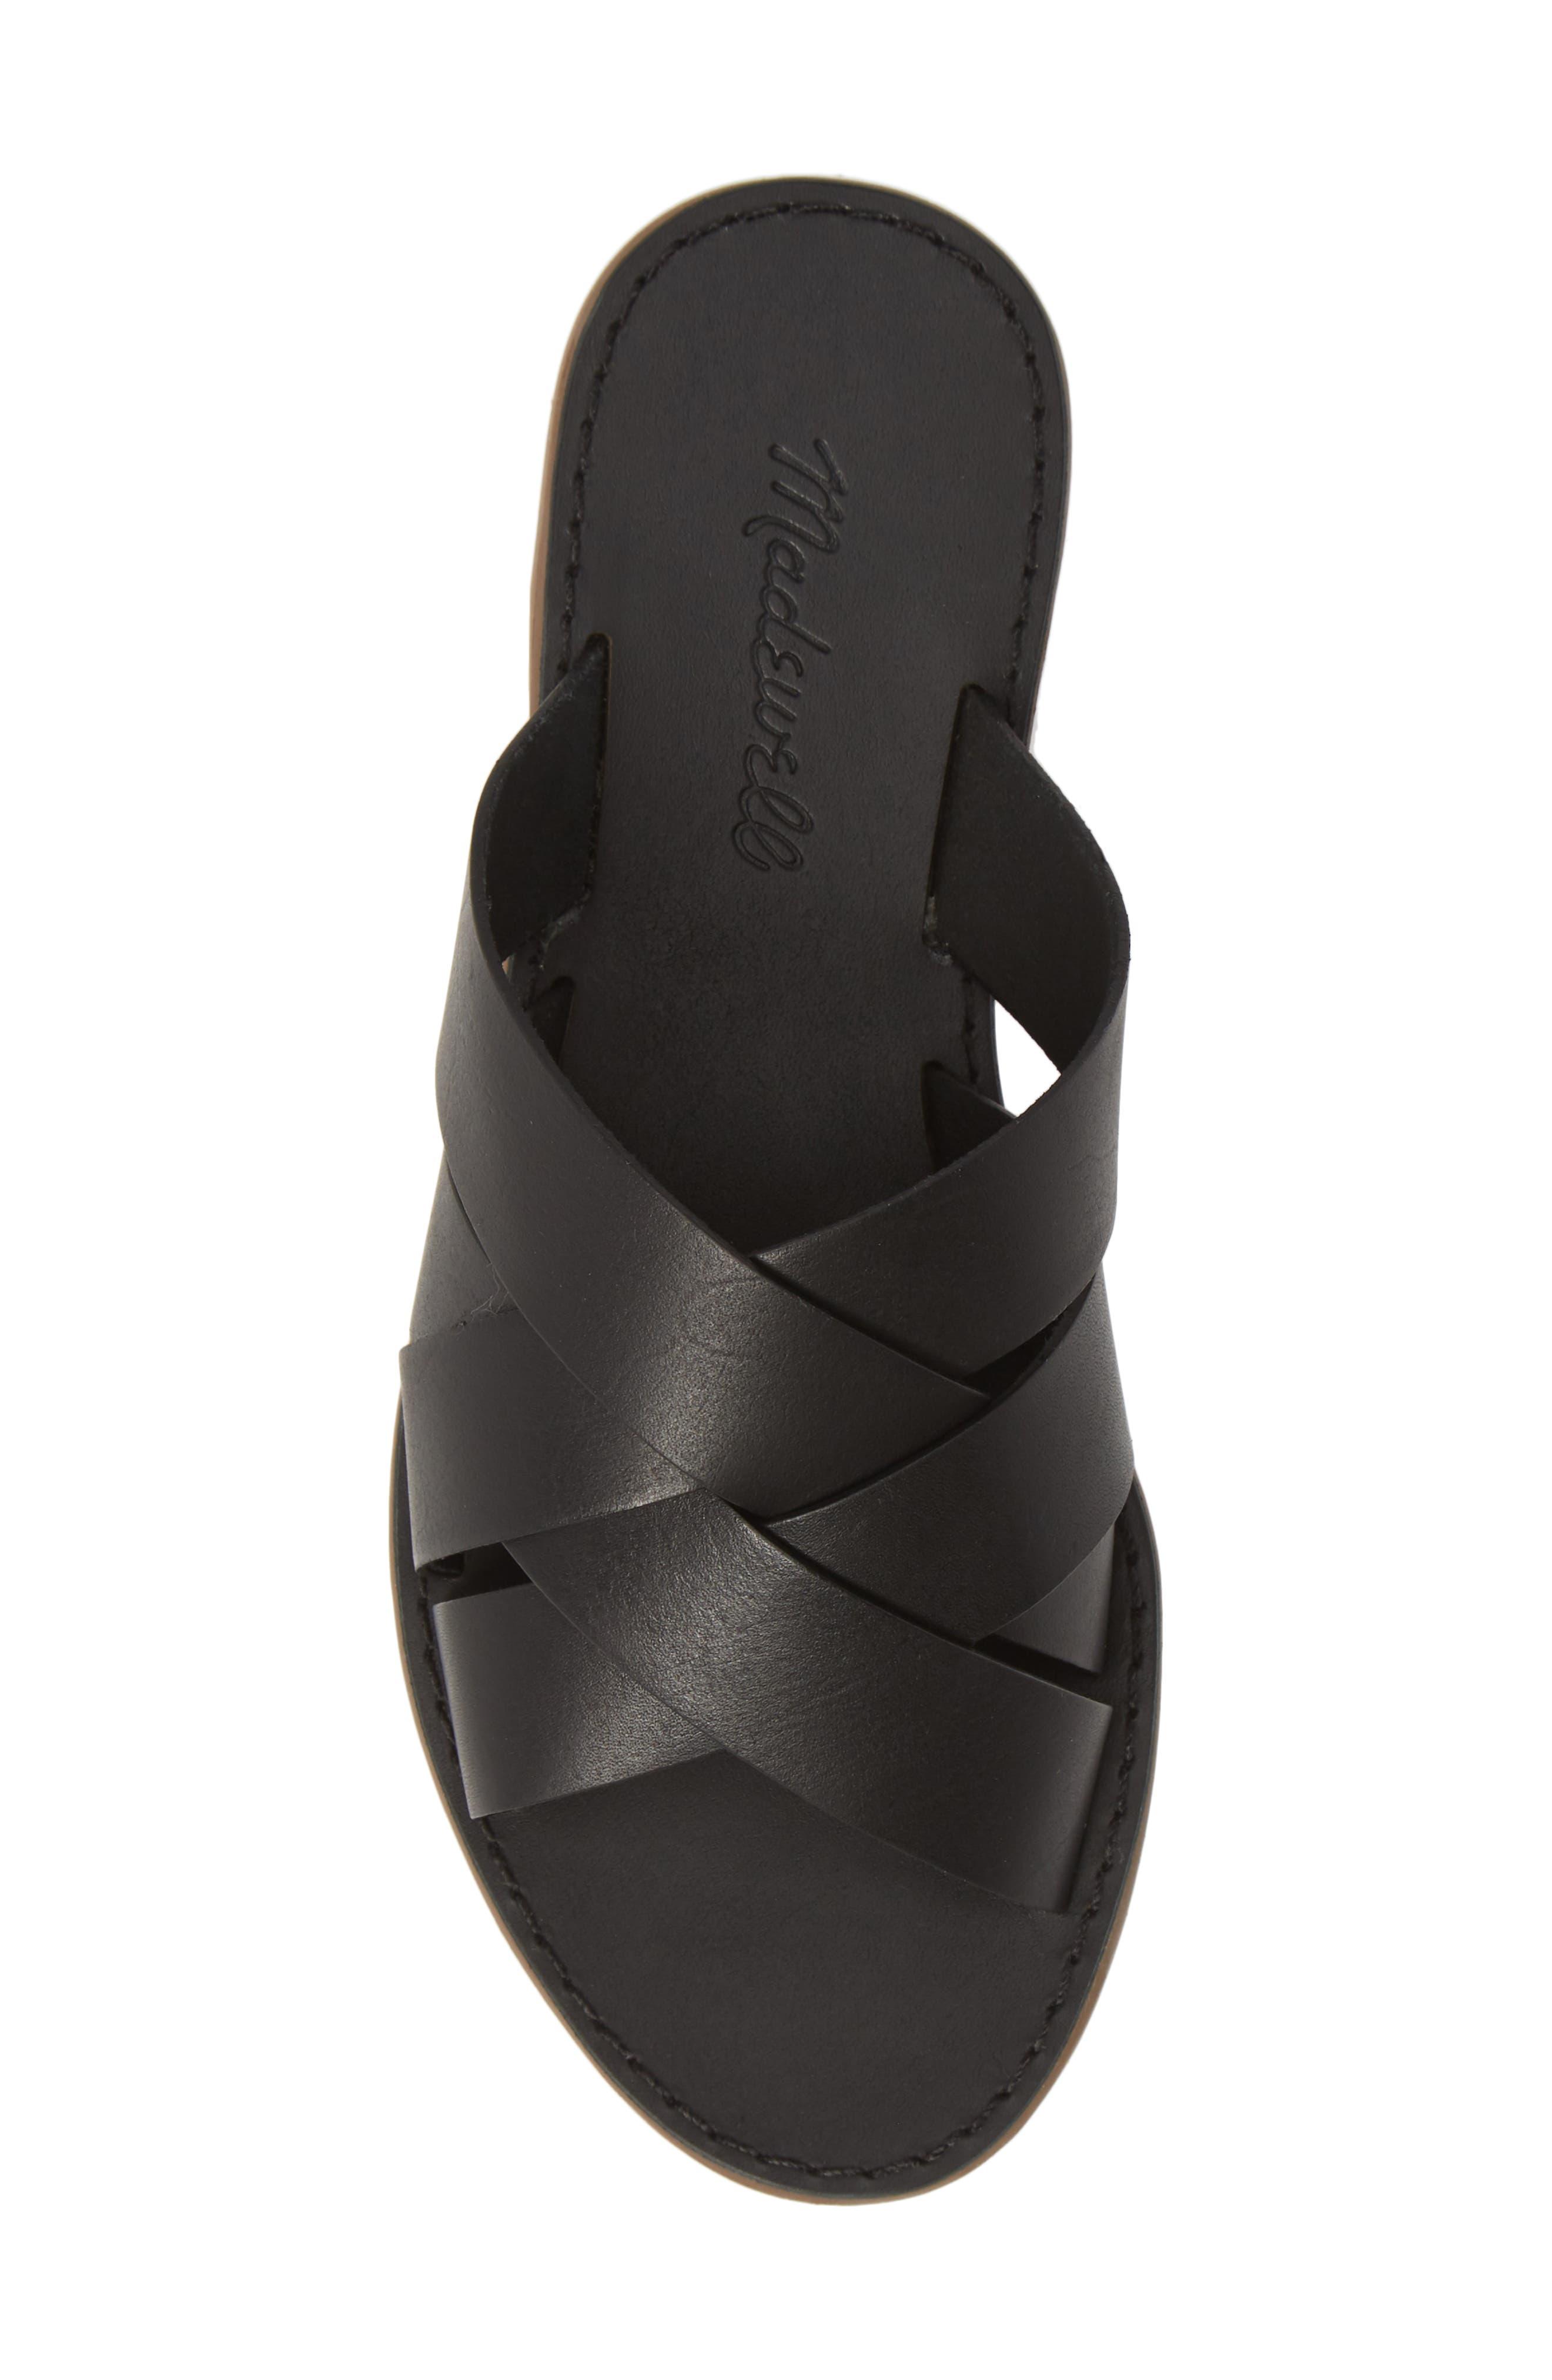 MADEWELL, The Boardwalk Woven Slide Sandal, Alternate thumbnail 5, color, TRUE BLACK